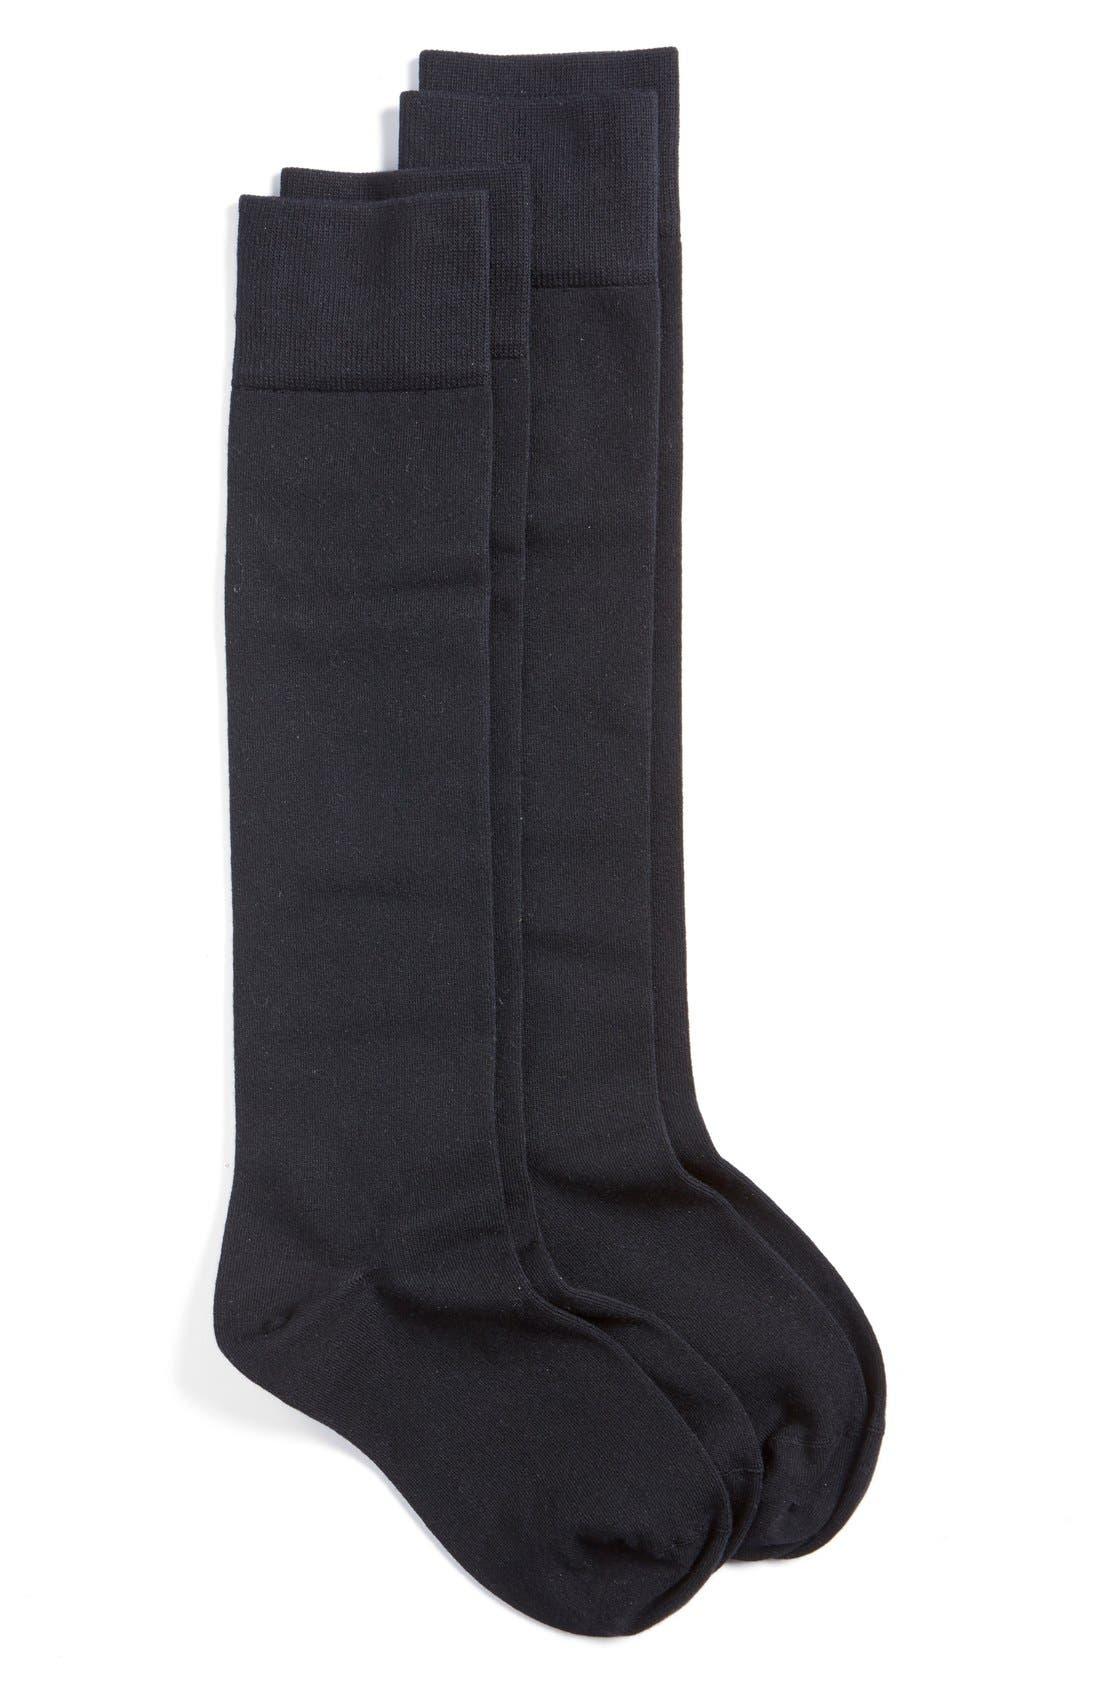 Main Image - Nordstrom 2-Pack Knee High Socks